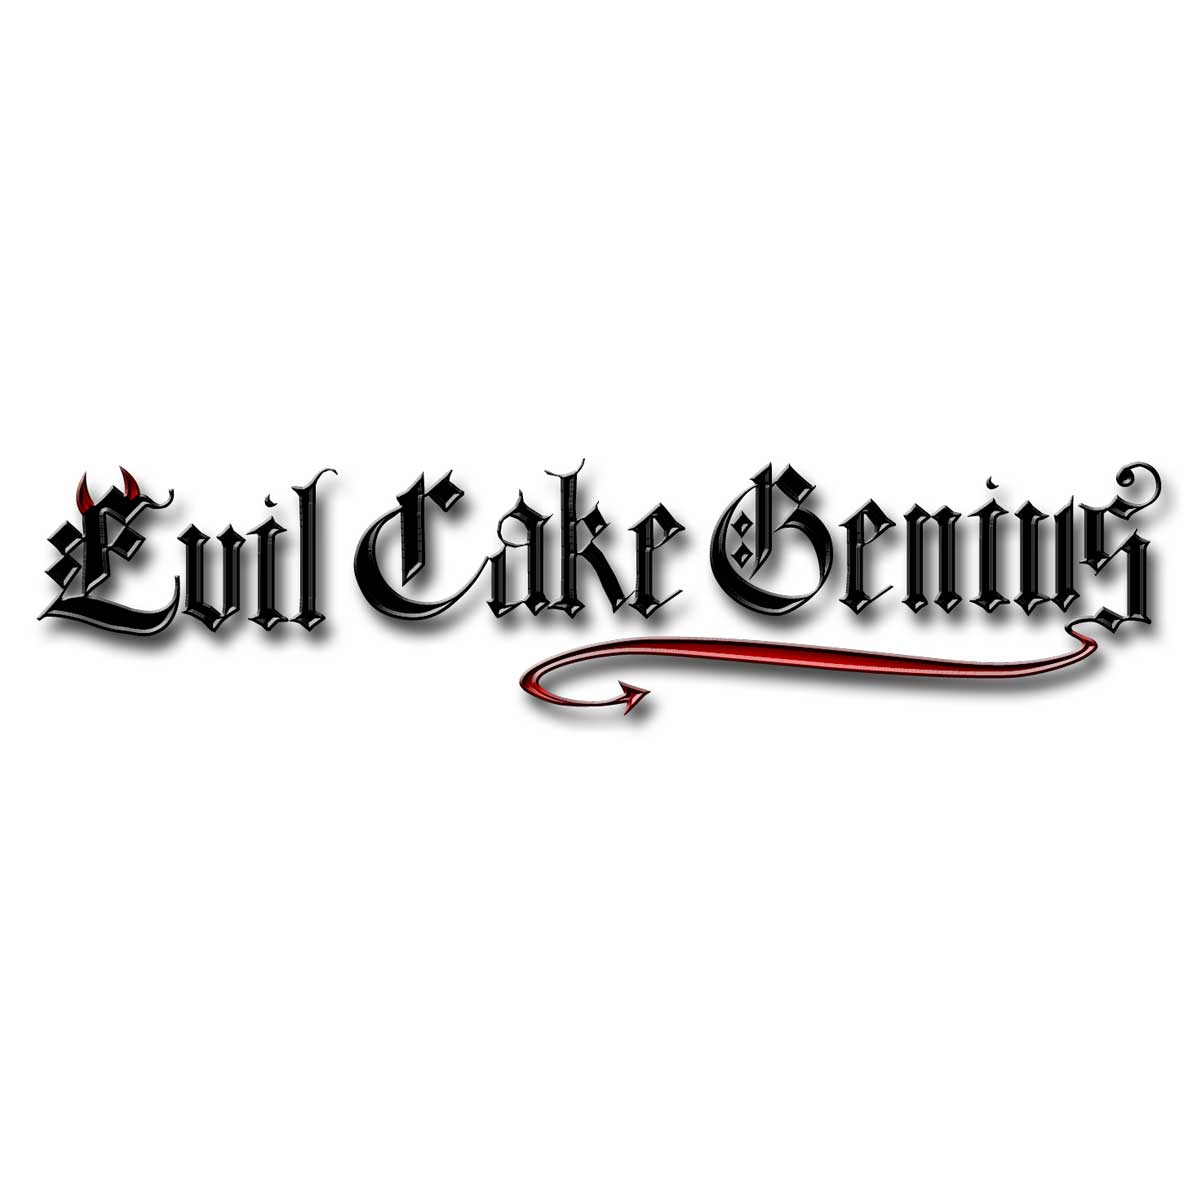 COMPLETE SET Cake Sketching Templates v 2.0